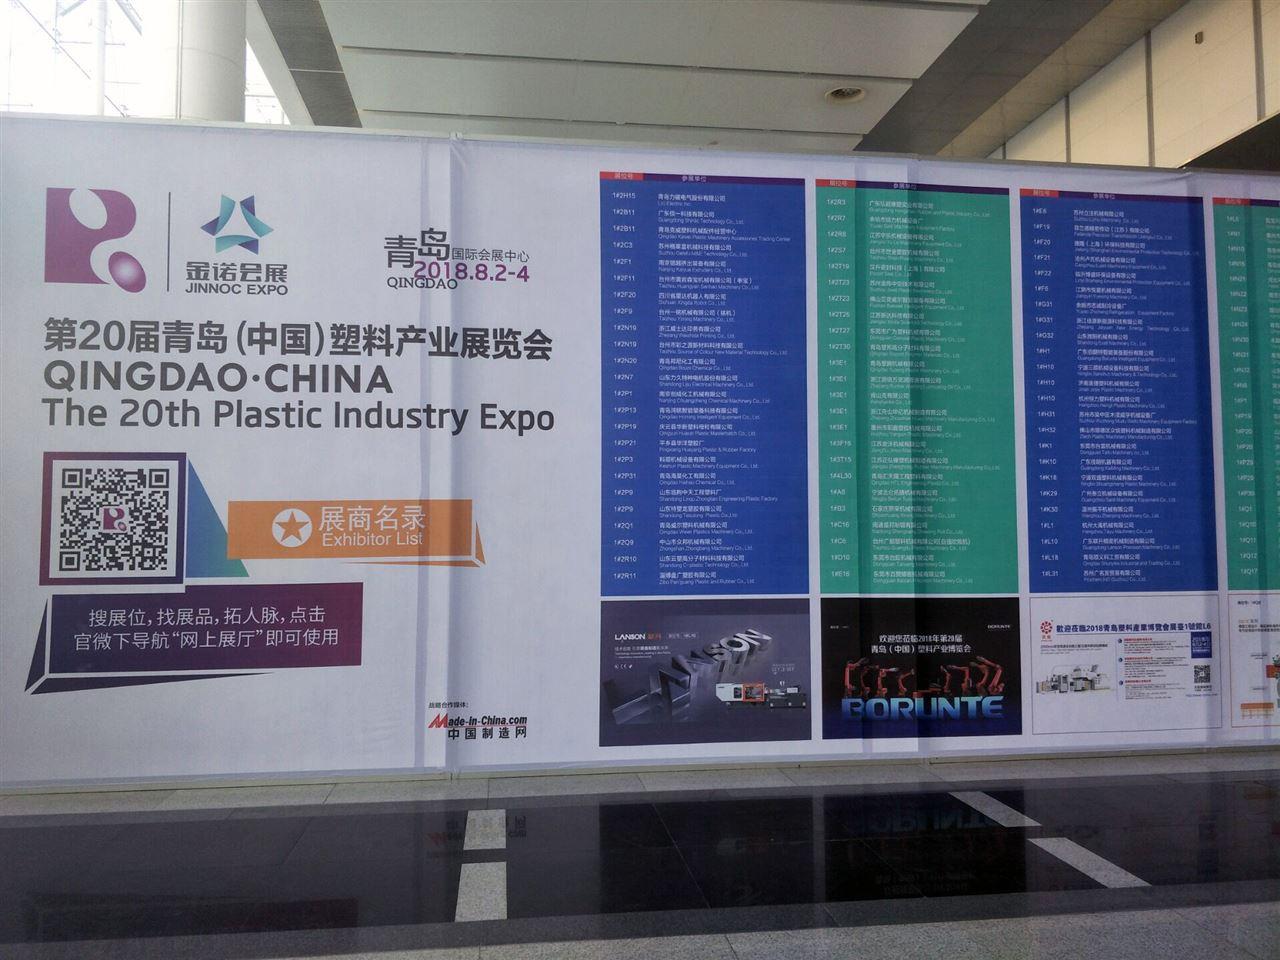 第20届青岛(中国)塑料财产展览会现场直击!